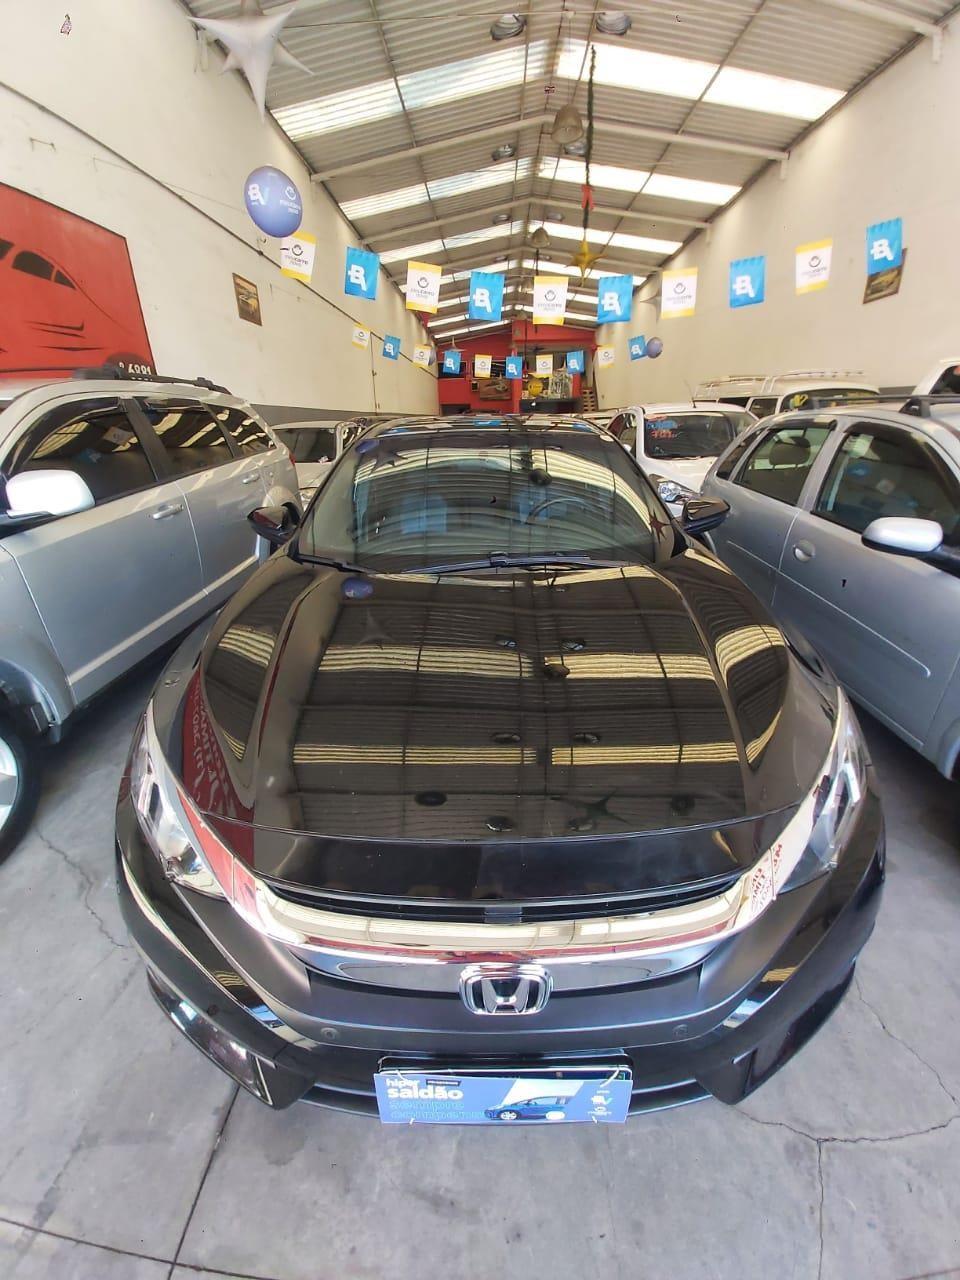 //www.autoline.com.br/carro/honda/civic-20-exl-16v-flex-4p-cvt/2018/osasco-sp/15206405